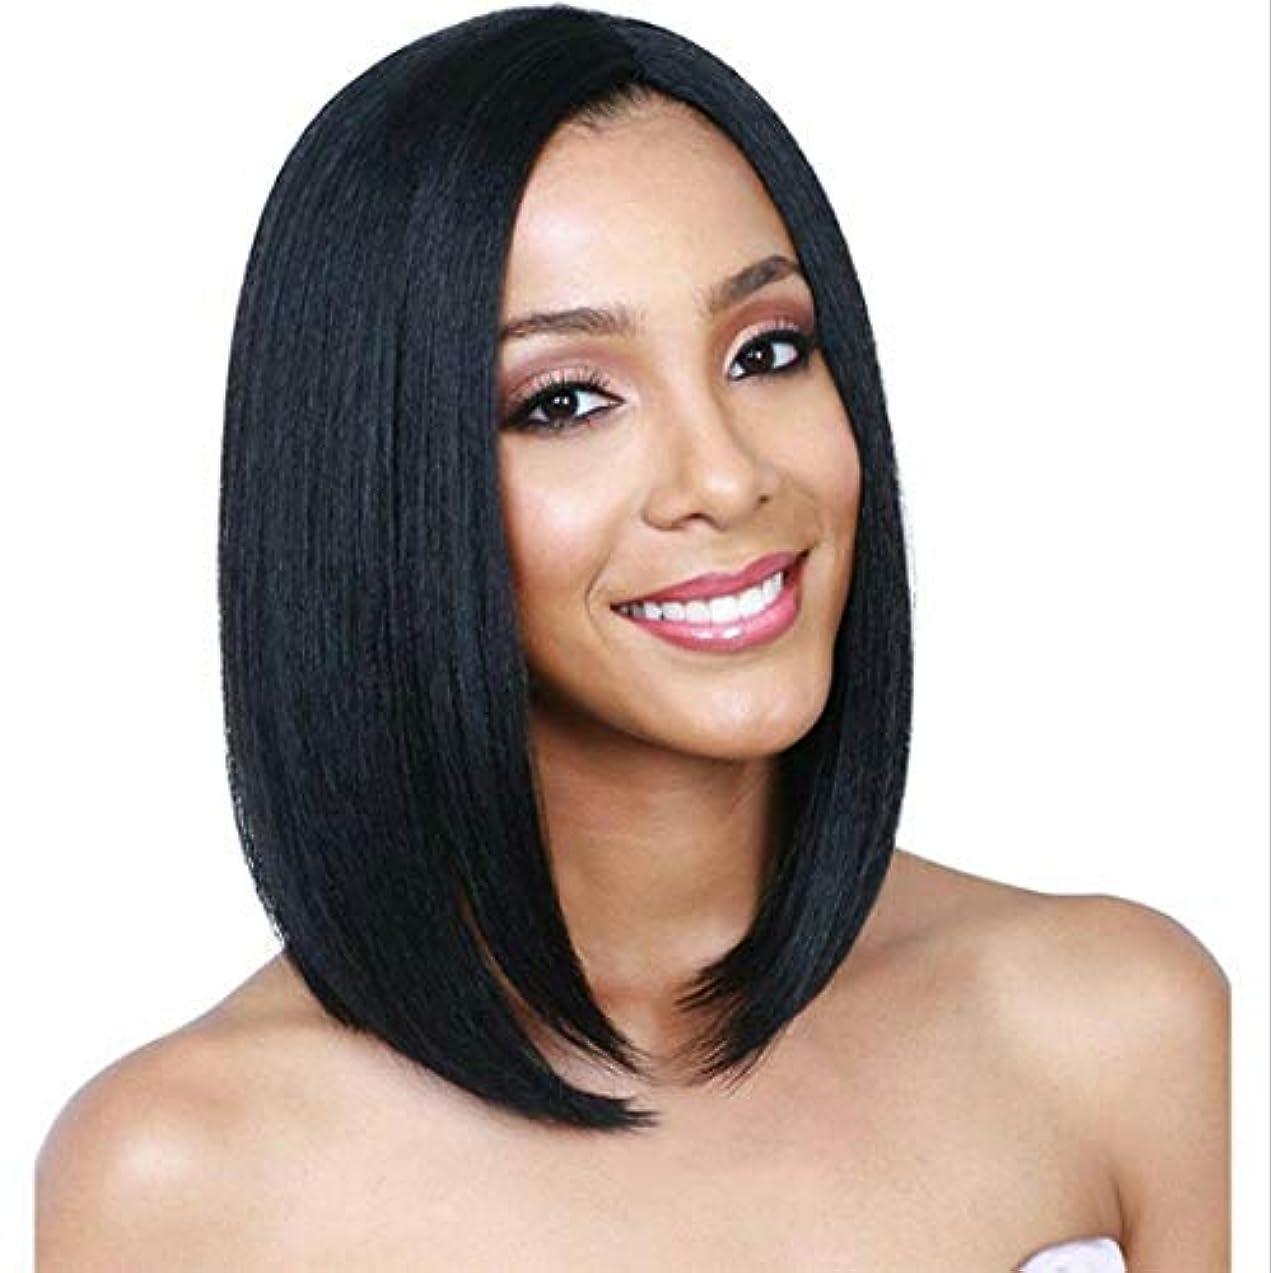 リマ人質ローズKerwinner かつら短いふわふわボブ変態ストレートヘアかつら合成耐熱女性ヘアスタイルカスタムコスプレパーティーかつら